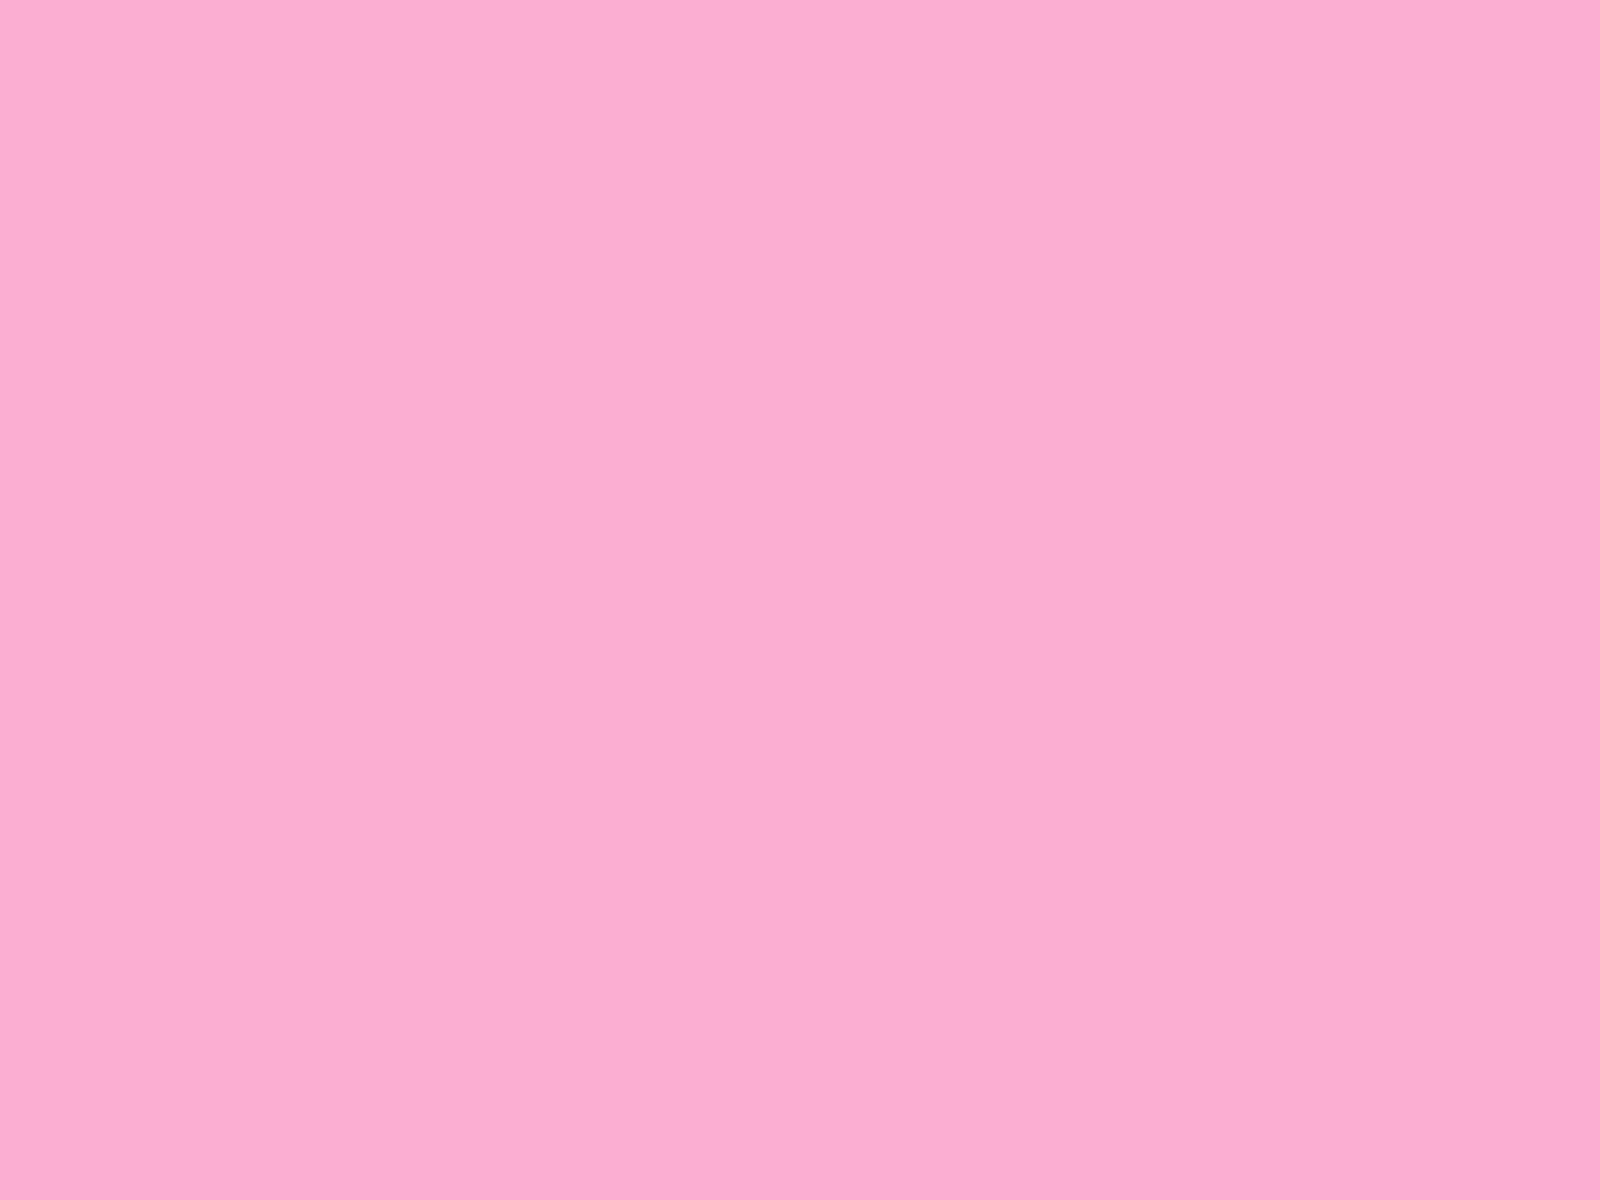 1600x1200 Lavender Pink Solid Color Background